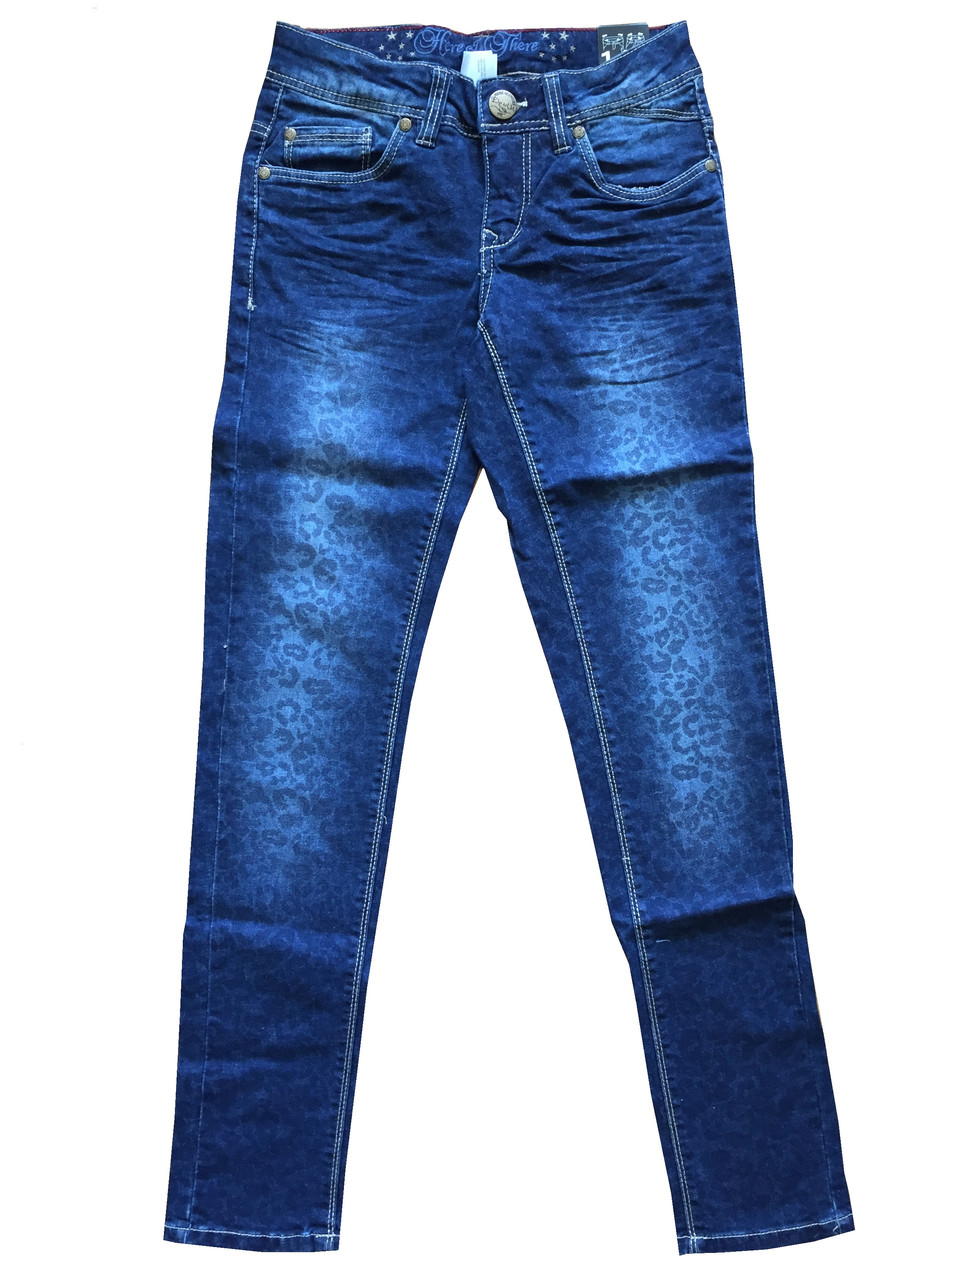 Стильные подростковые джинсы на девочку C&A Германия Размер 146